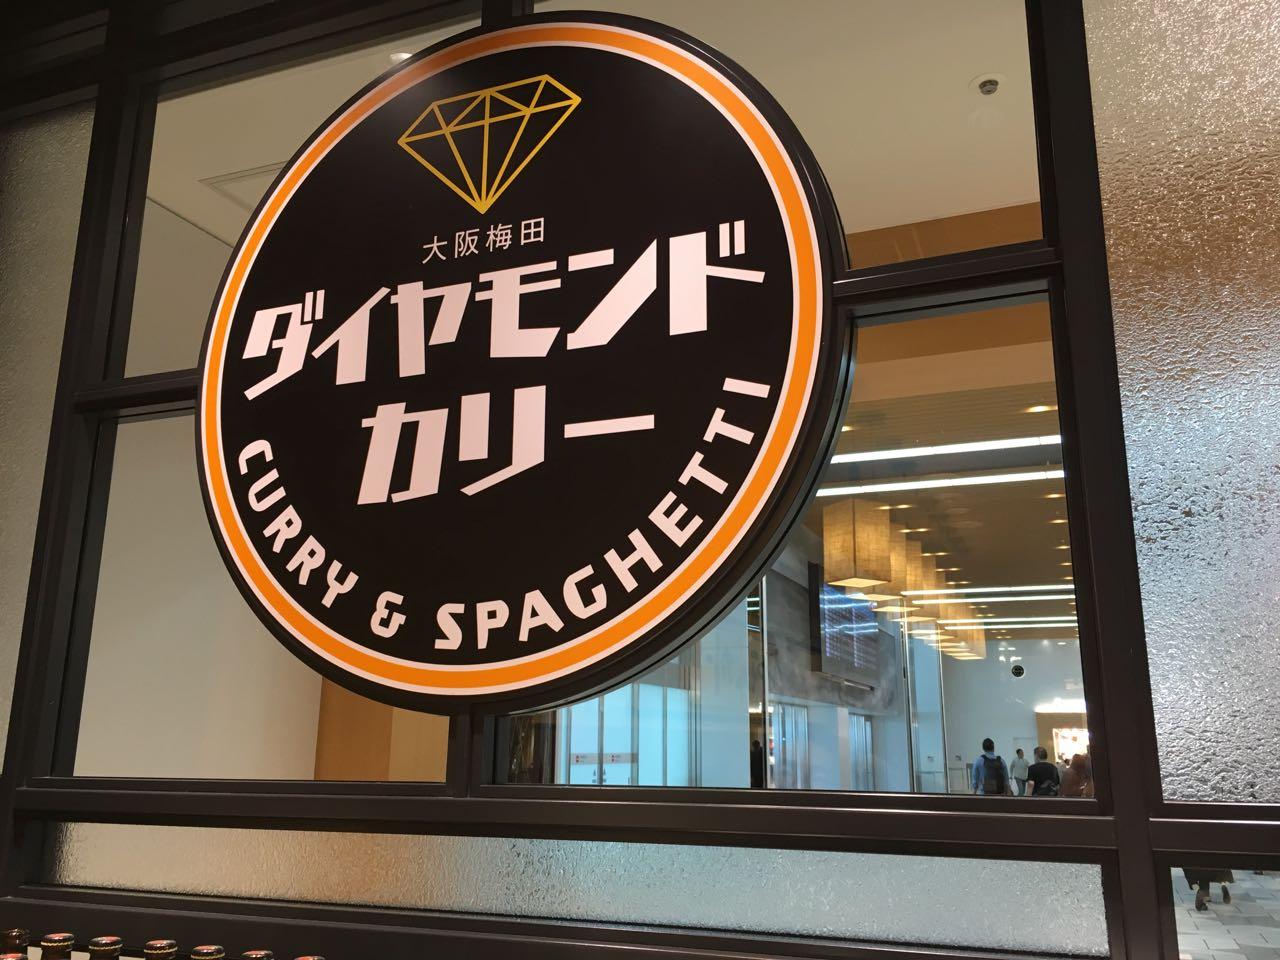 伊丹空港到着口すぐ!ダイヤモンドカリー大阪国際空港店